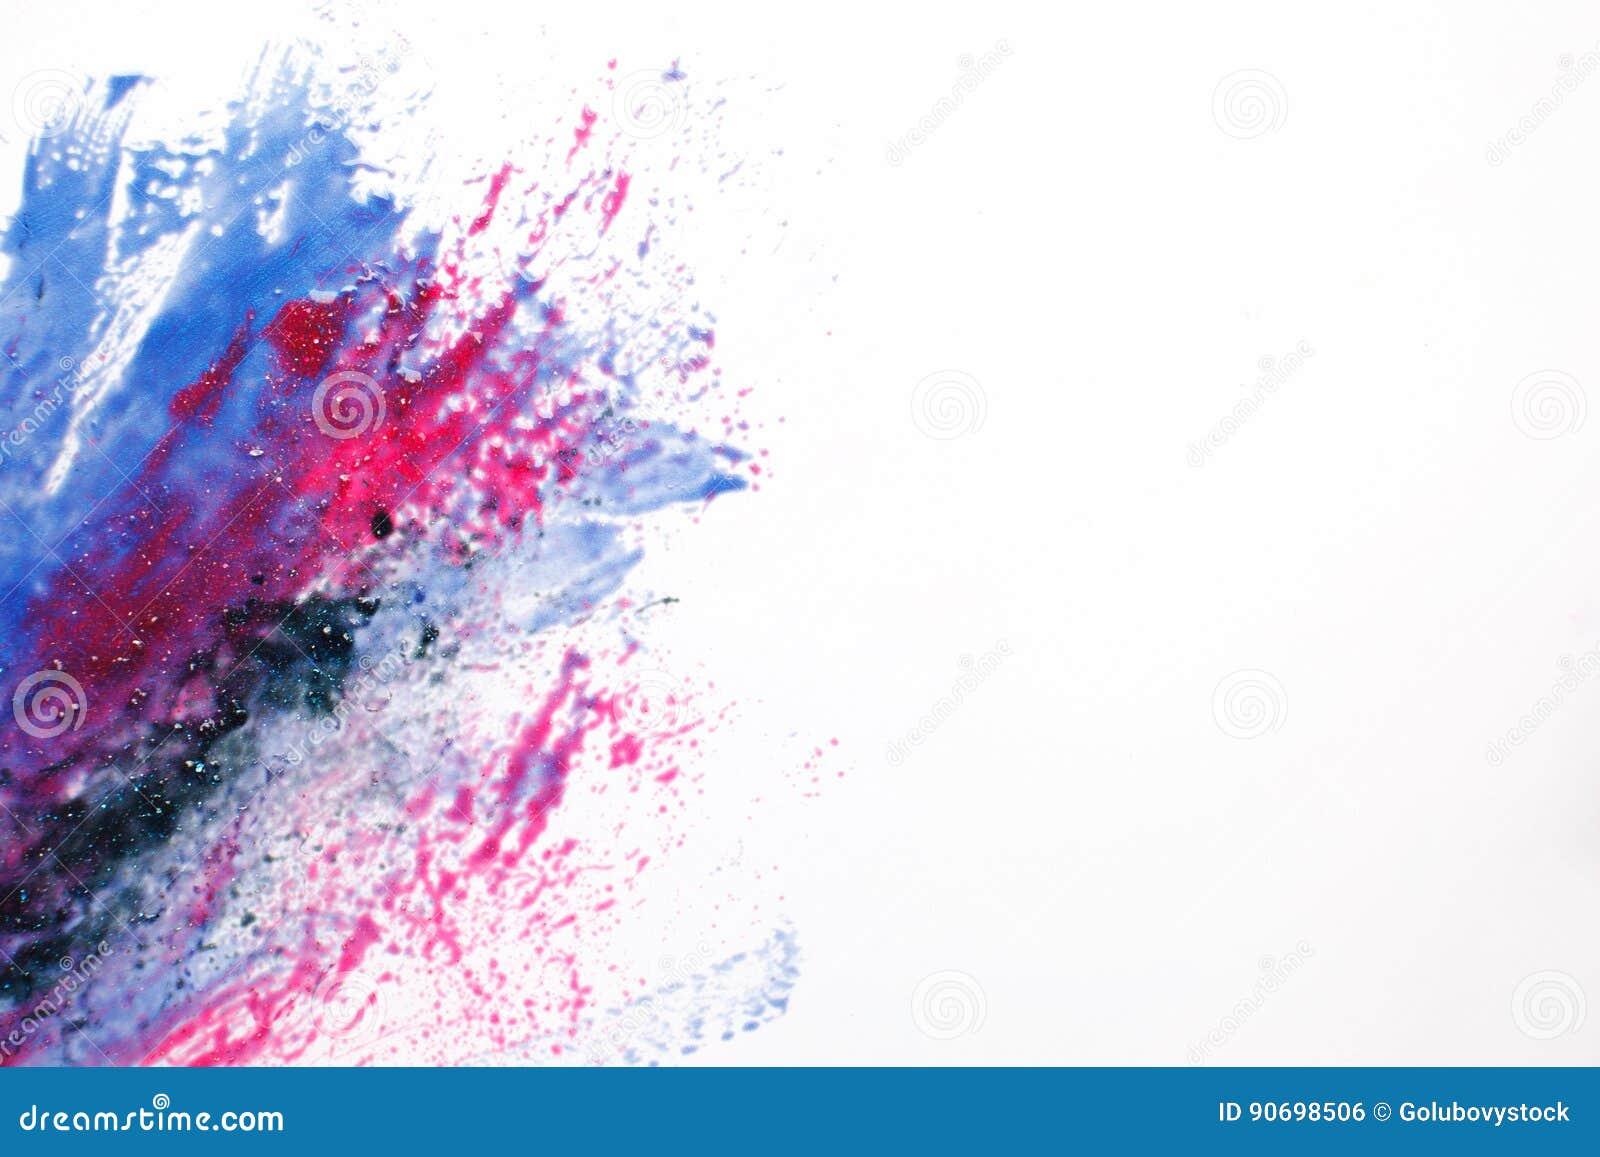 Creatieve ruimtekunst, abstracte melkweg, gemengde kleuren